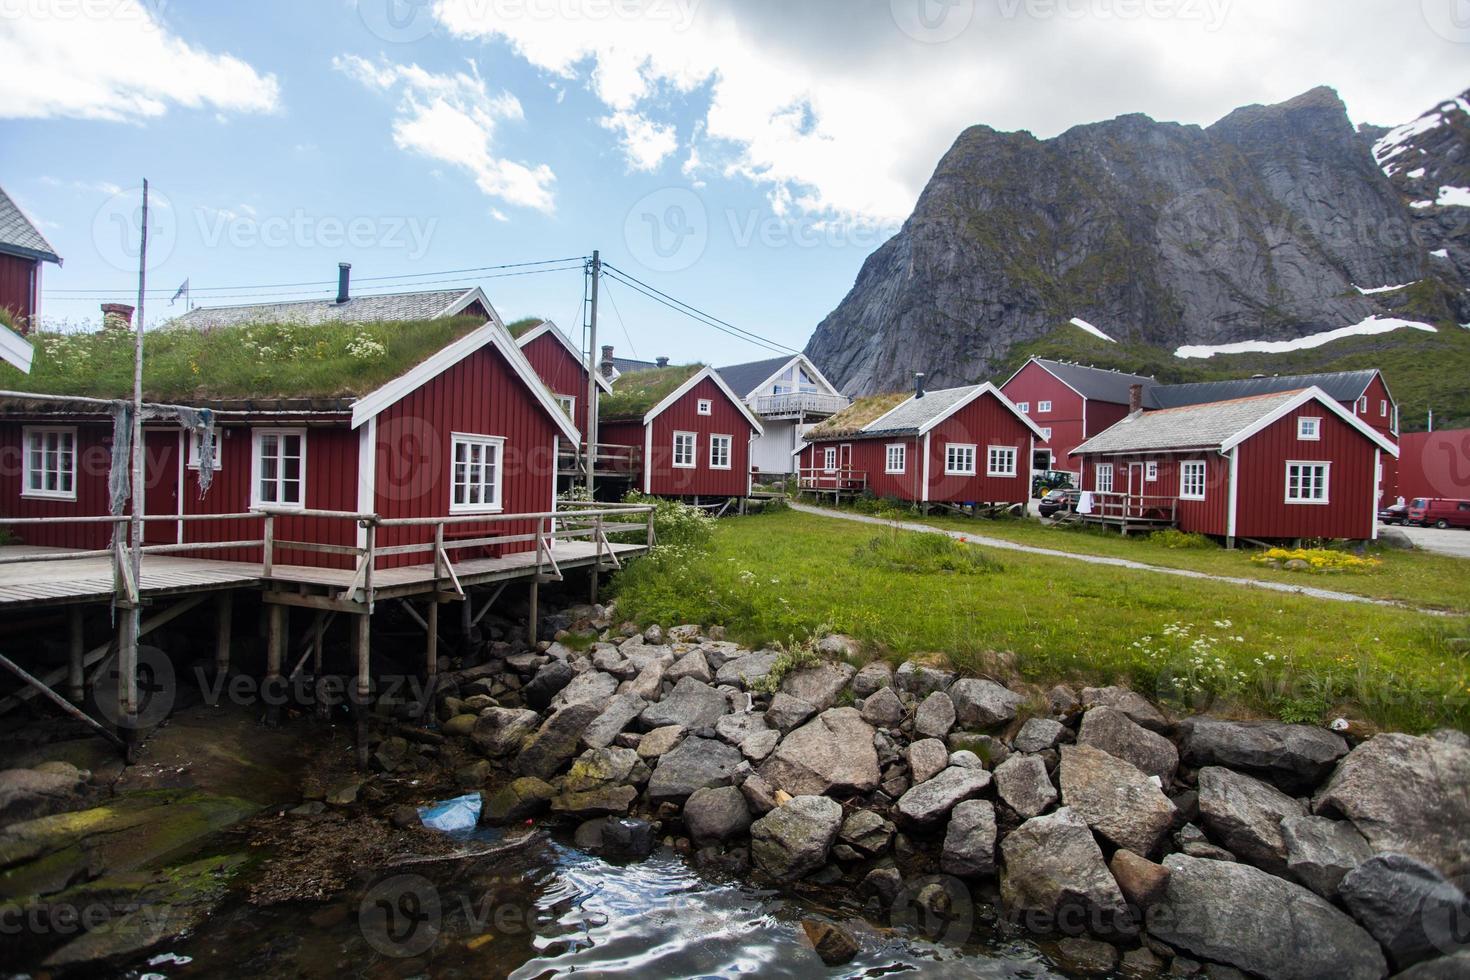 traditionelle häuser auf den lofoten, norwegen foto